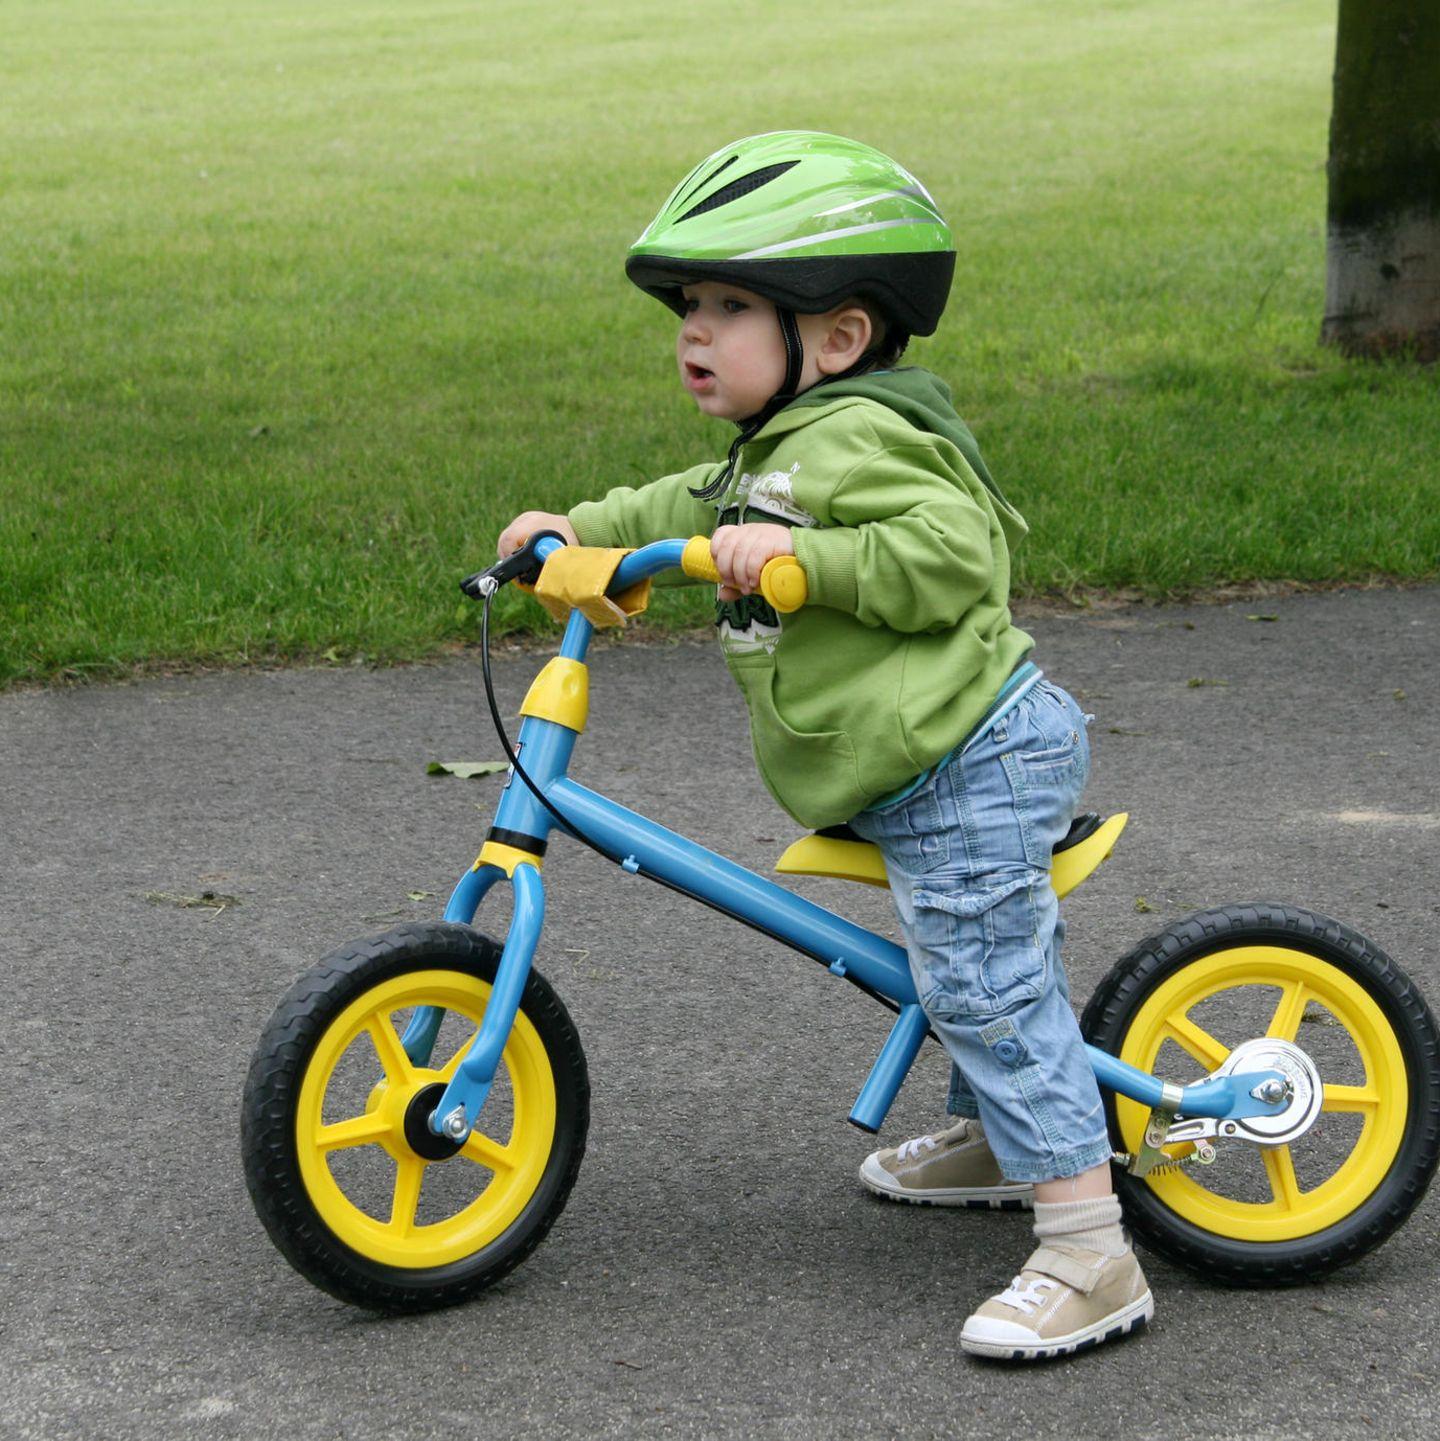 Kind auf Laufrad mit Helm und festen Schuhen